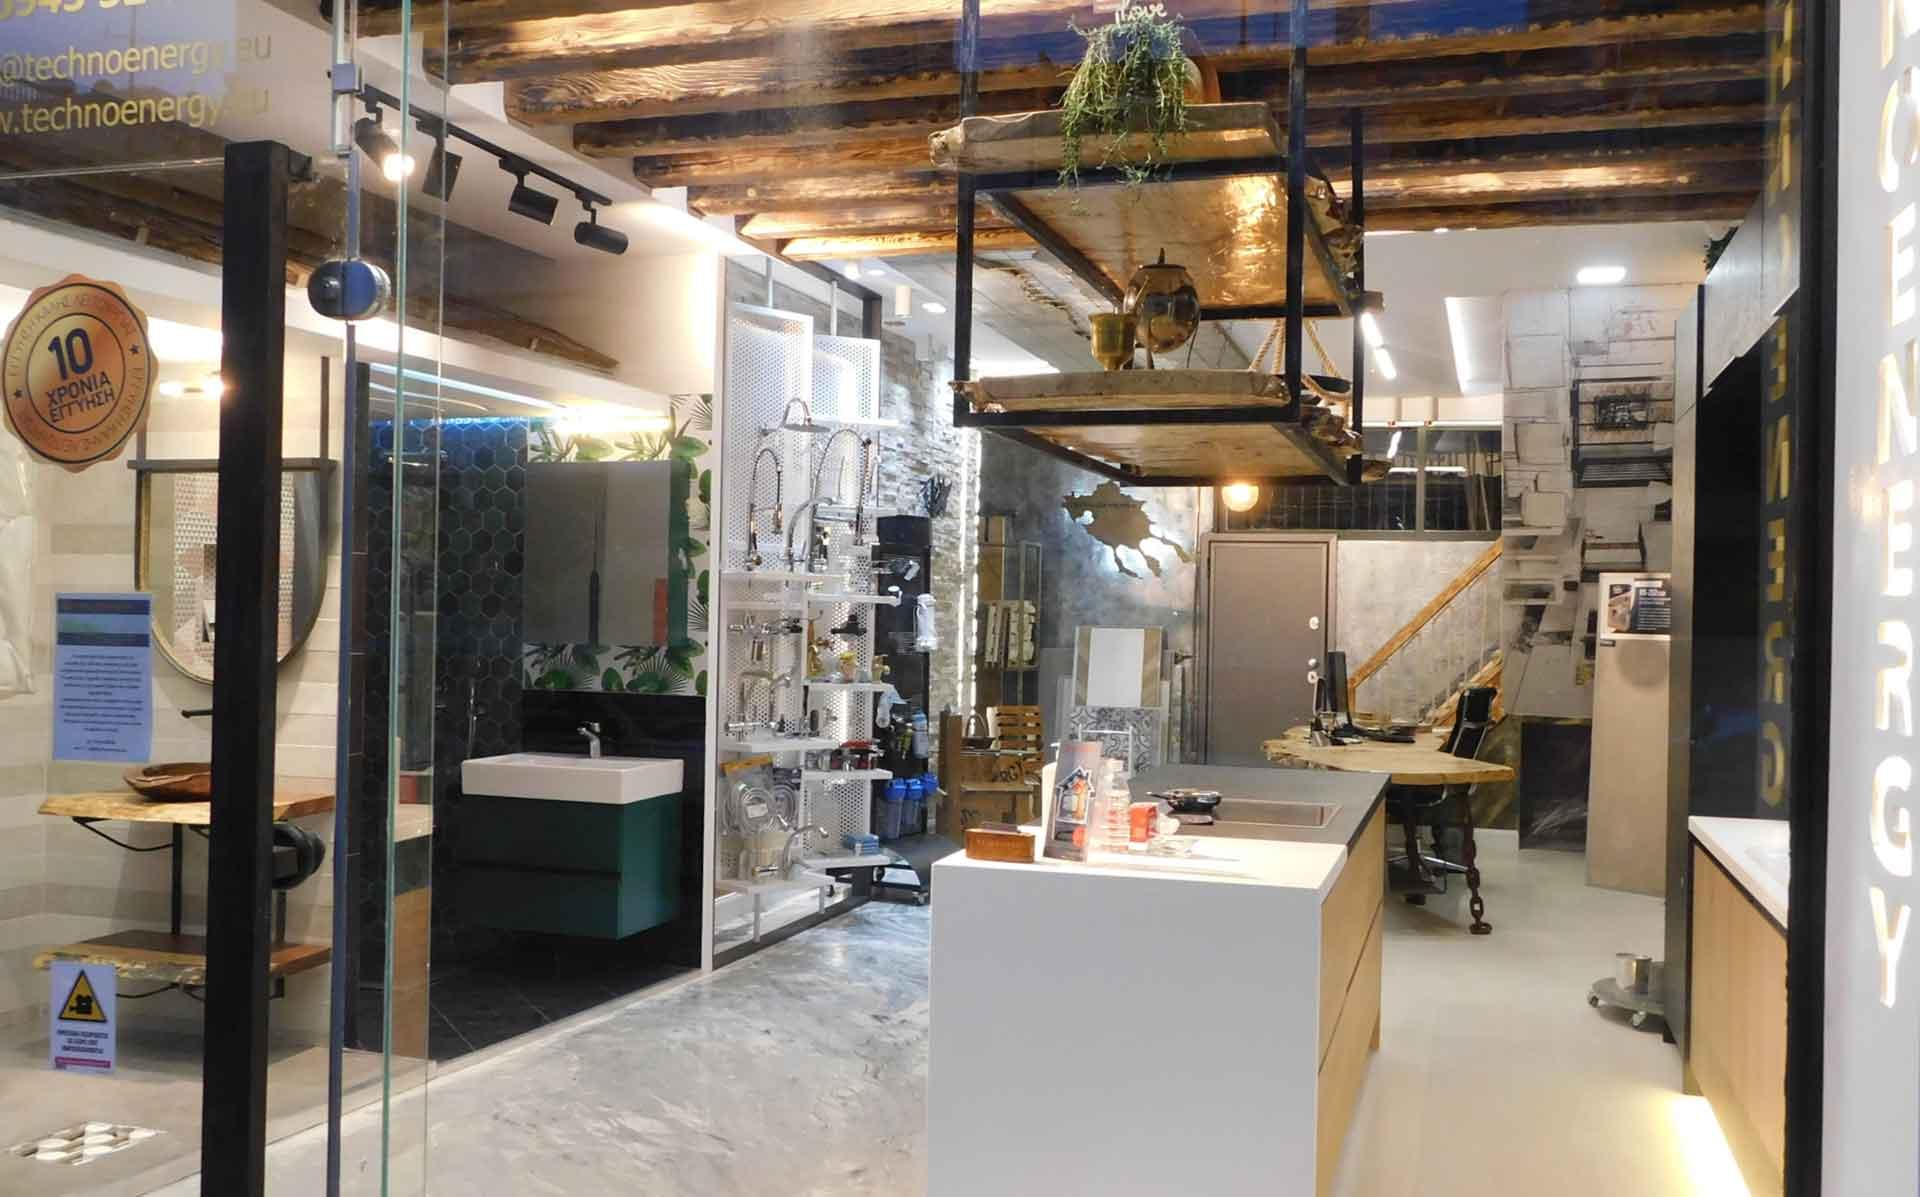 Ανακαίνιση Κουζίνας, Μπάνιου, Σπιτιού, Διαμερίσματος - Θεσσαλονίκη - Technoenergy